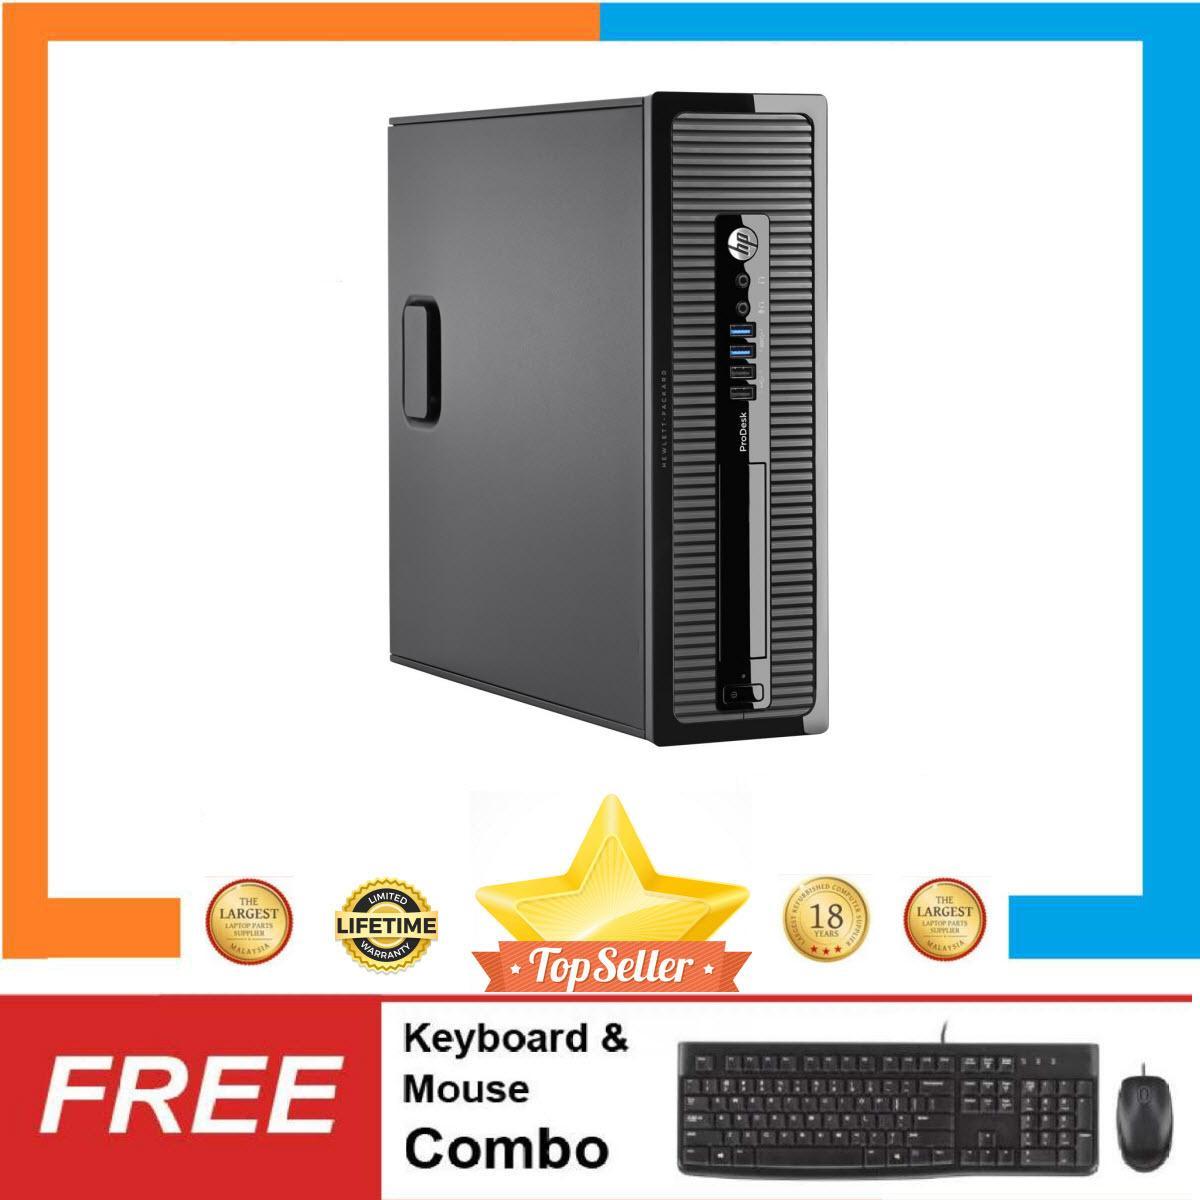 Máy tính để bànHP ProDesk 400 G1 SFF Nguyên Bản, Chạy CPU Core i5 4570, Ram 4GB, HDD 500GB + Bộ Quà Tặng